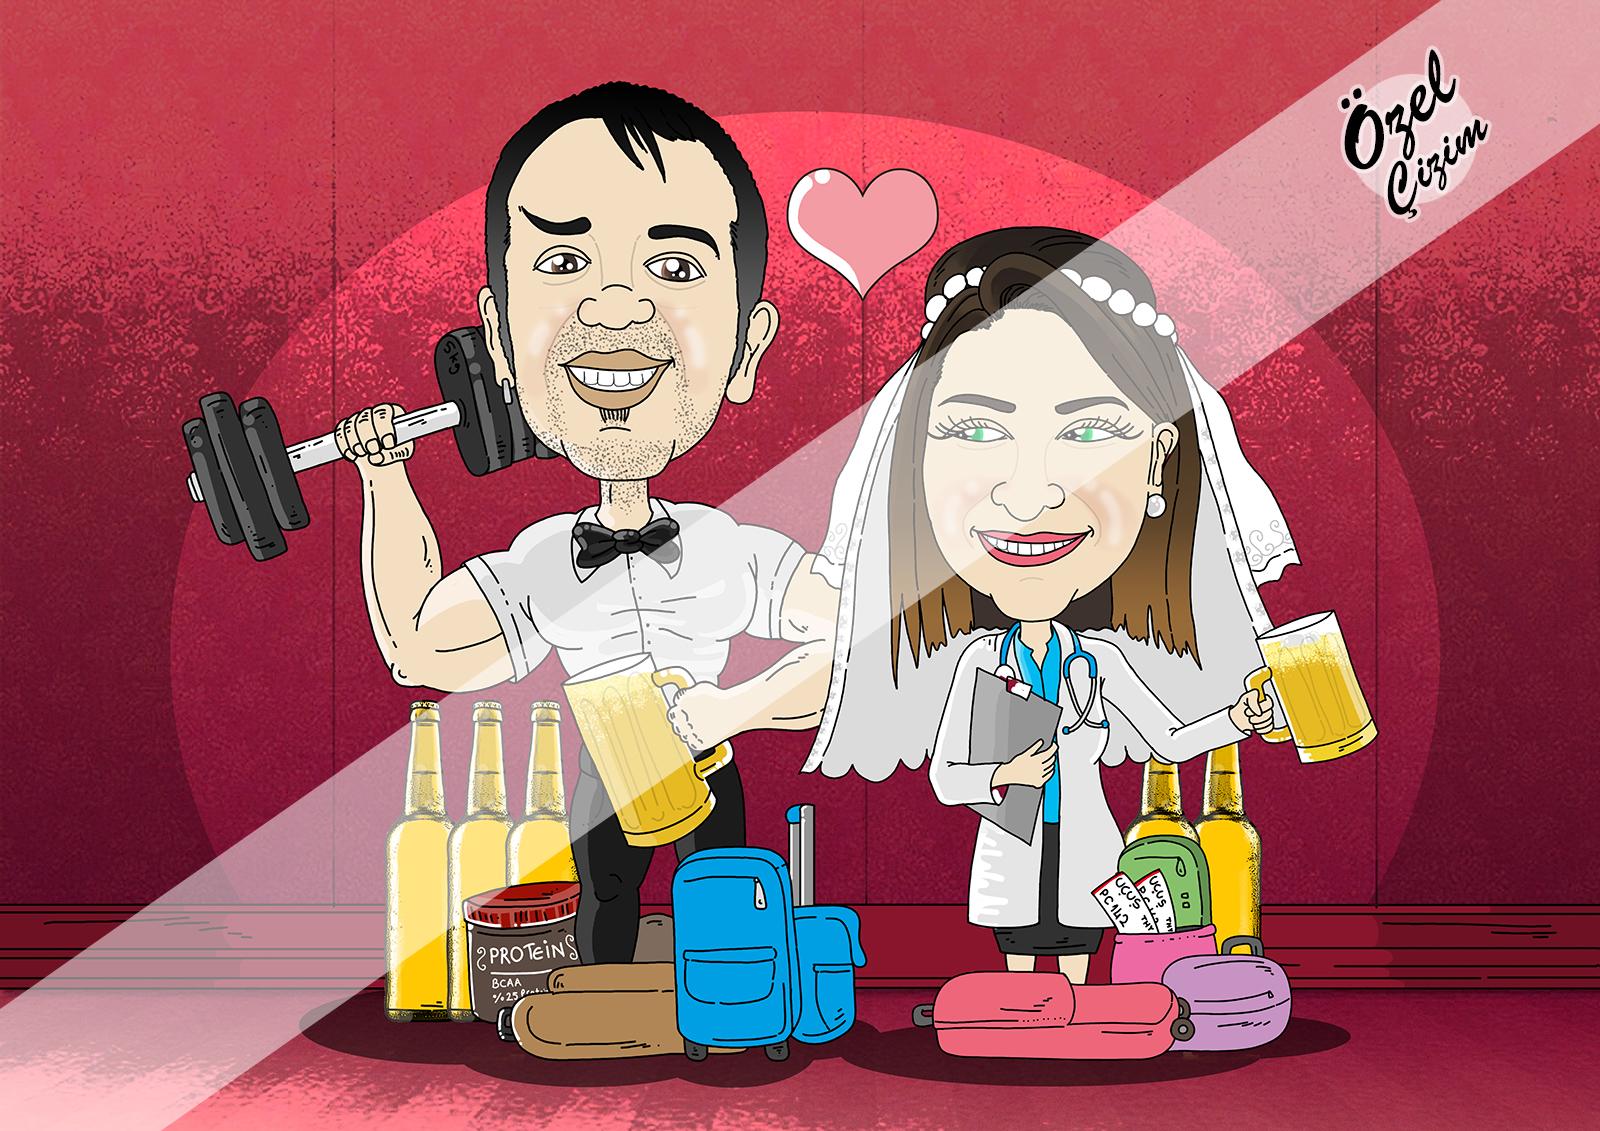 karikatür, düğün hediyesi, karikatürlü düğün davetiyesi, gelin damat karikatür, gelin hediye, evlilik hediye, Özel Çizim, karikatür portre, Hediye Karikatür, karikatür çizim, yeni evli çift,